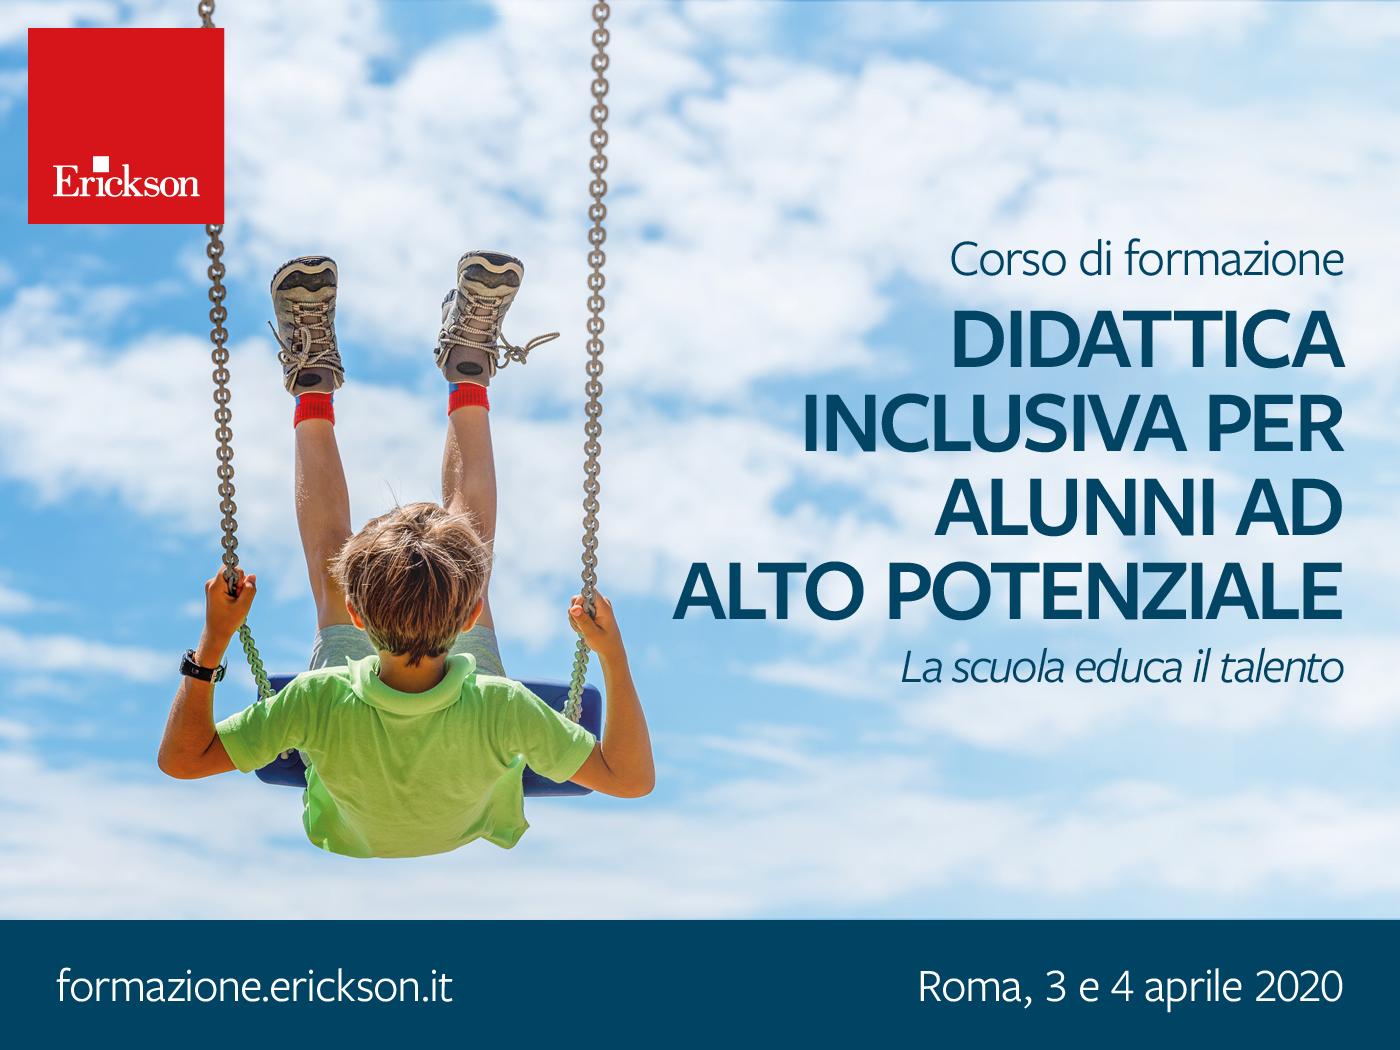 1024x768_Corso_didattica_inclusiva_per_alunni_ad_alto_potenziale_20(1)